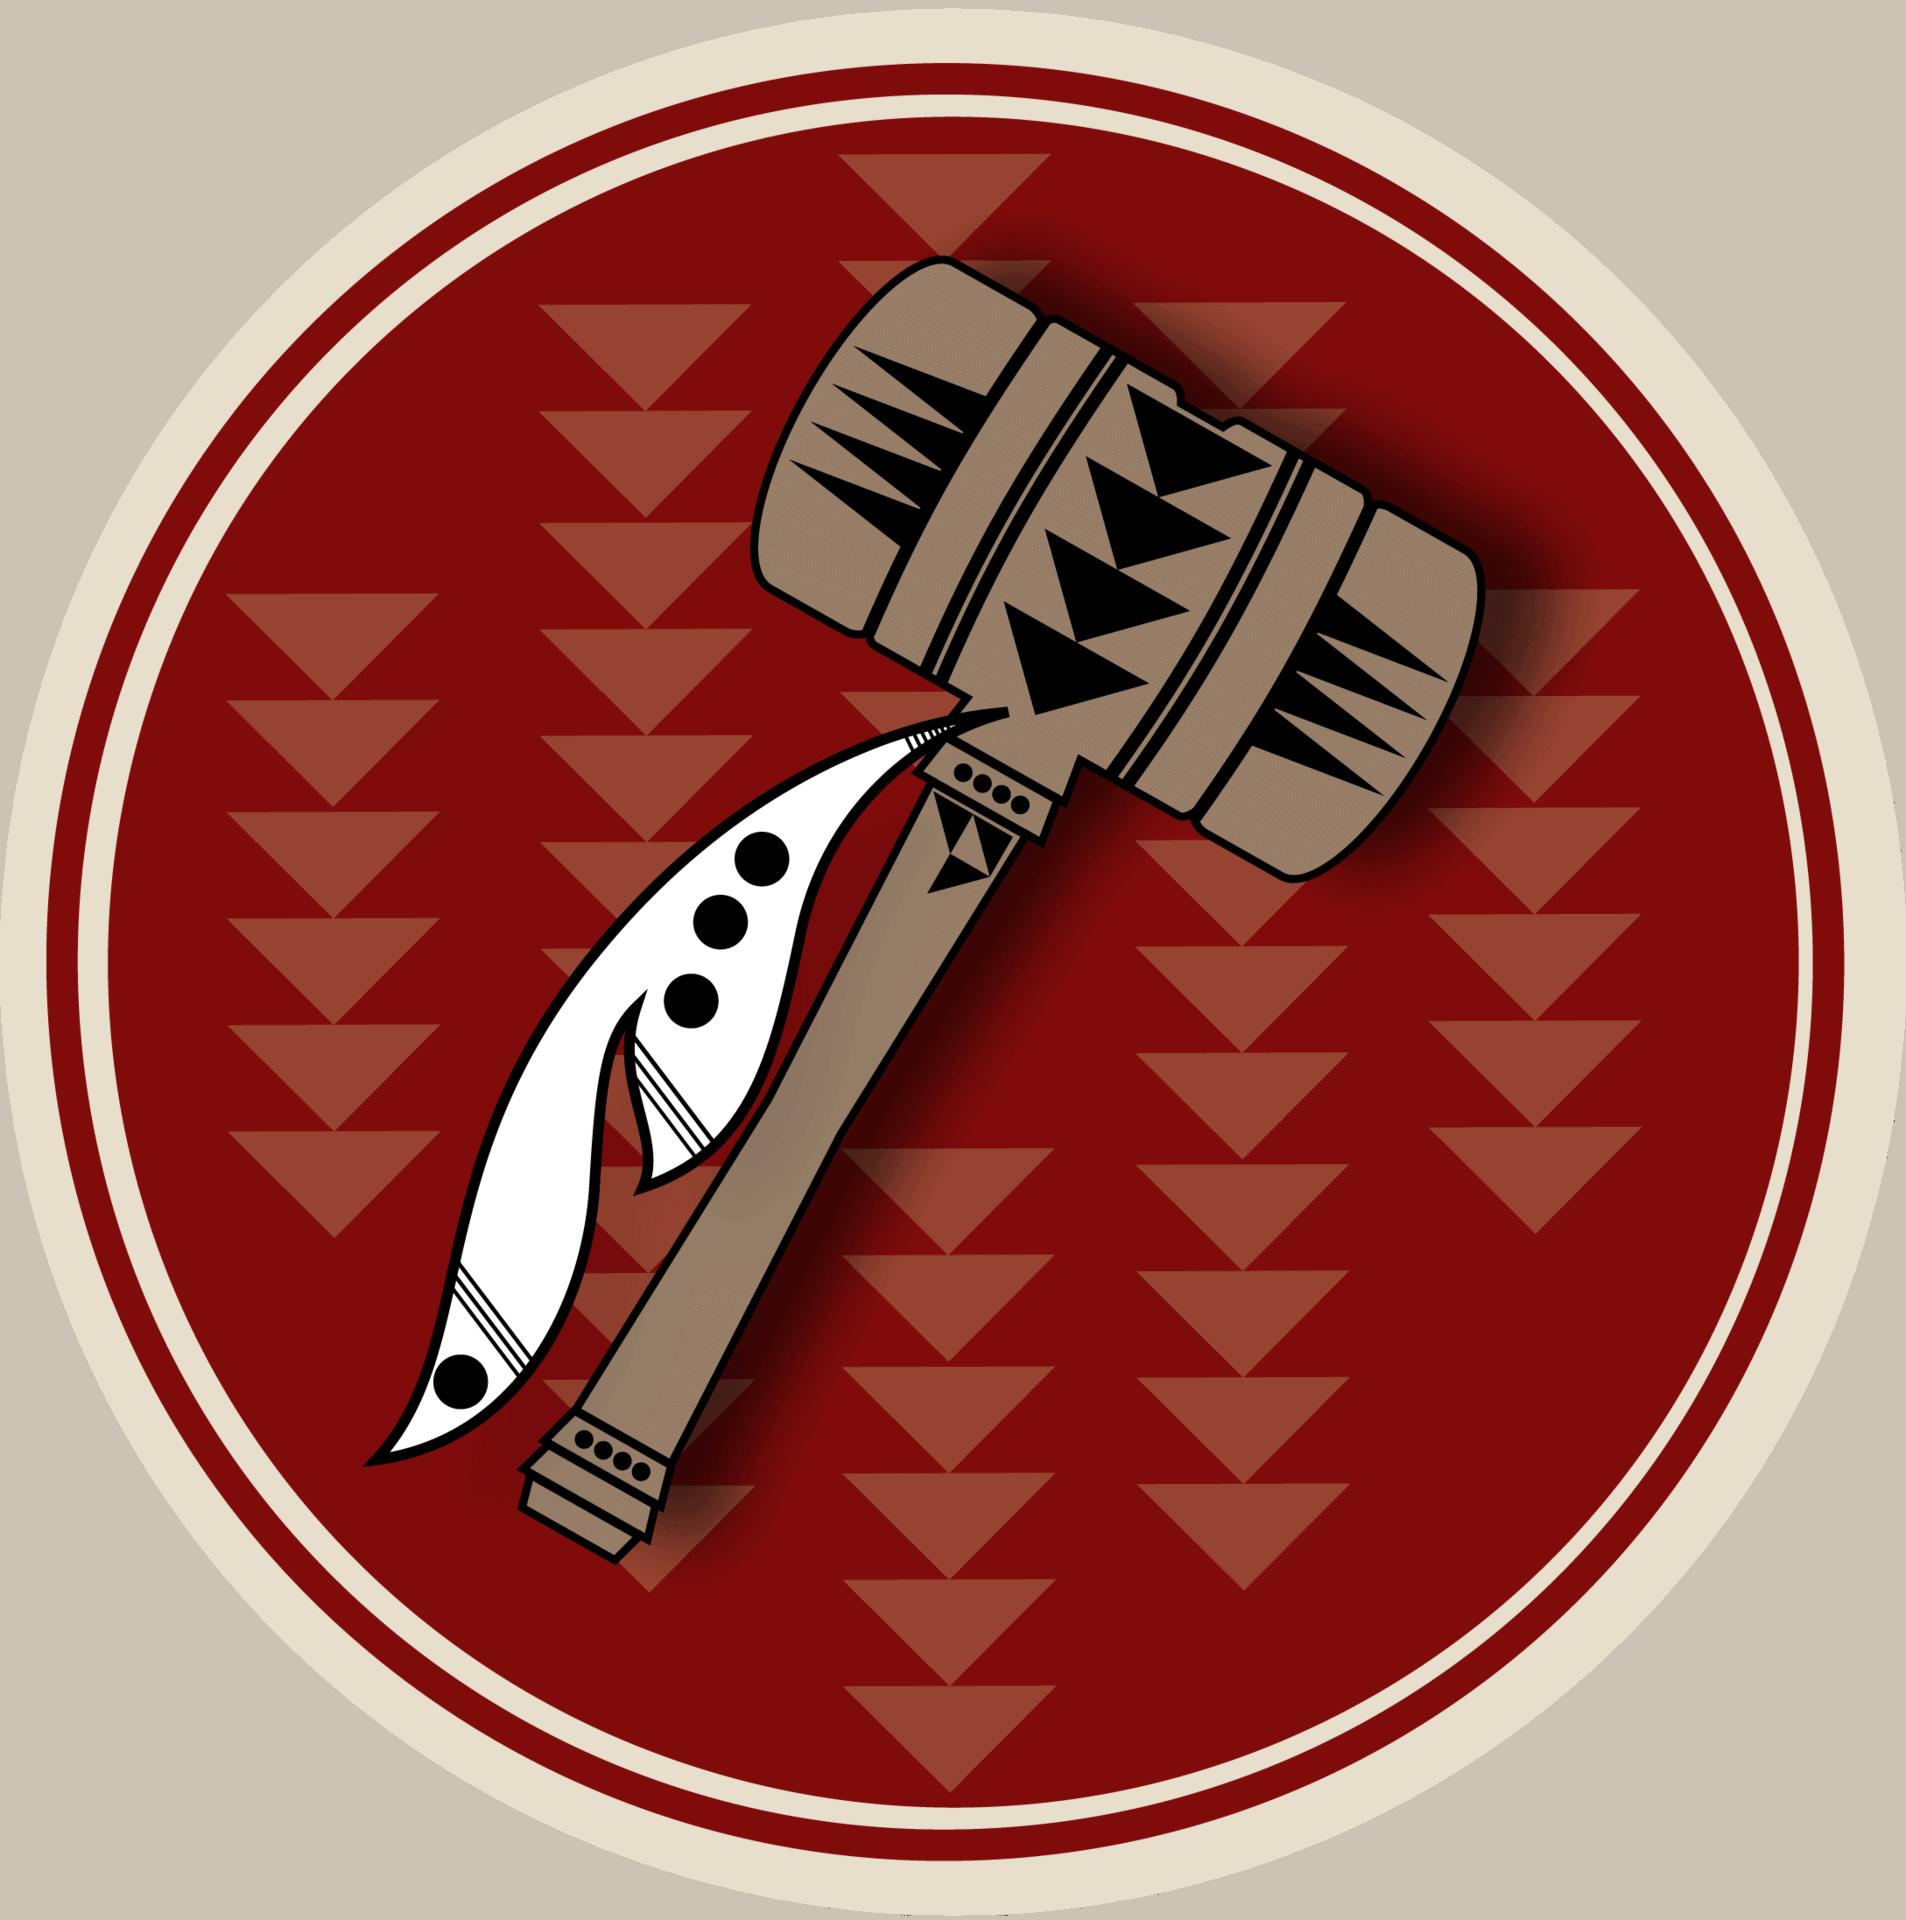 NTJC Emblem